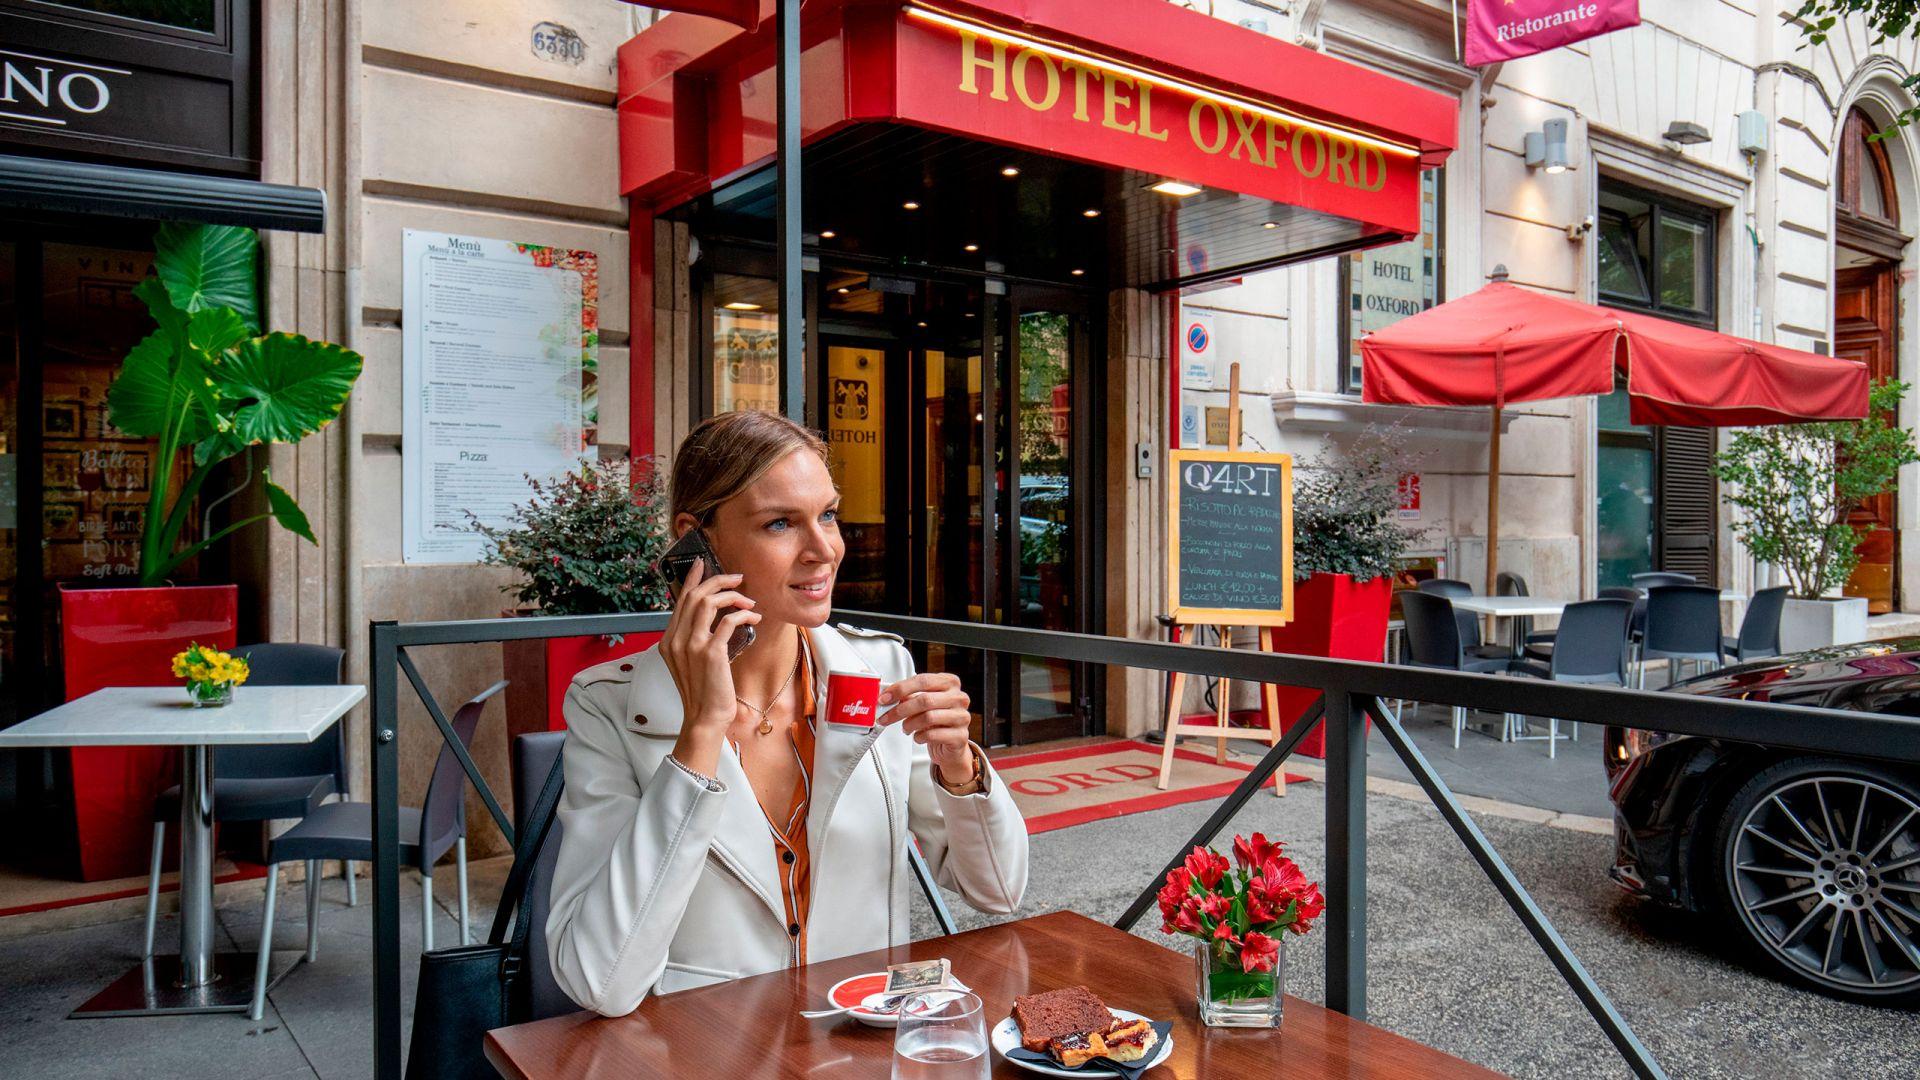 IMG-6636--Hotel-Oxofrd-Roma-Quart-Restaurant.jpg